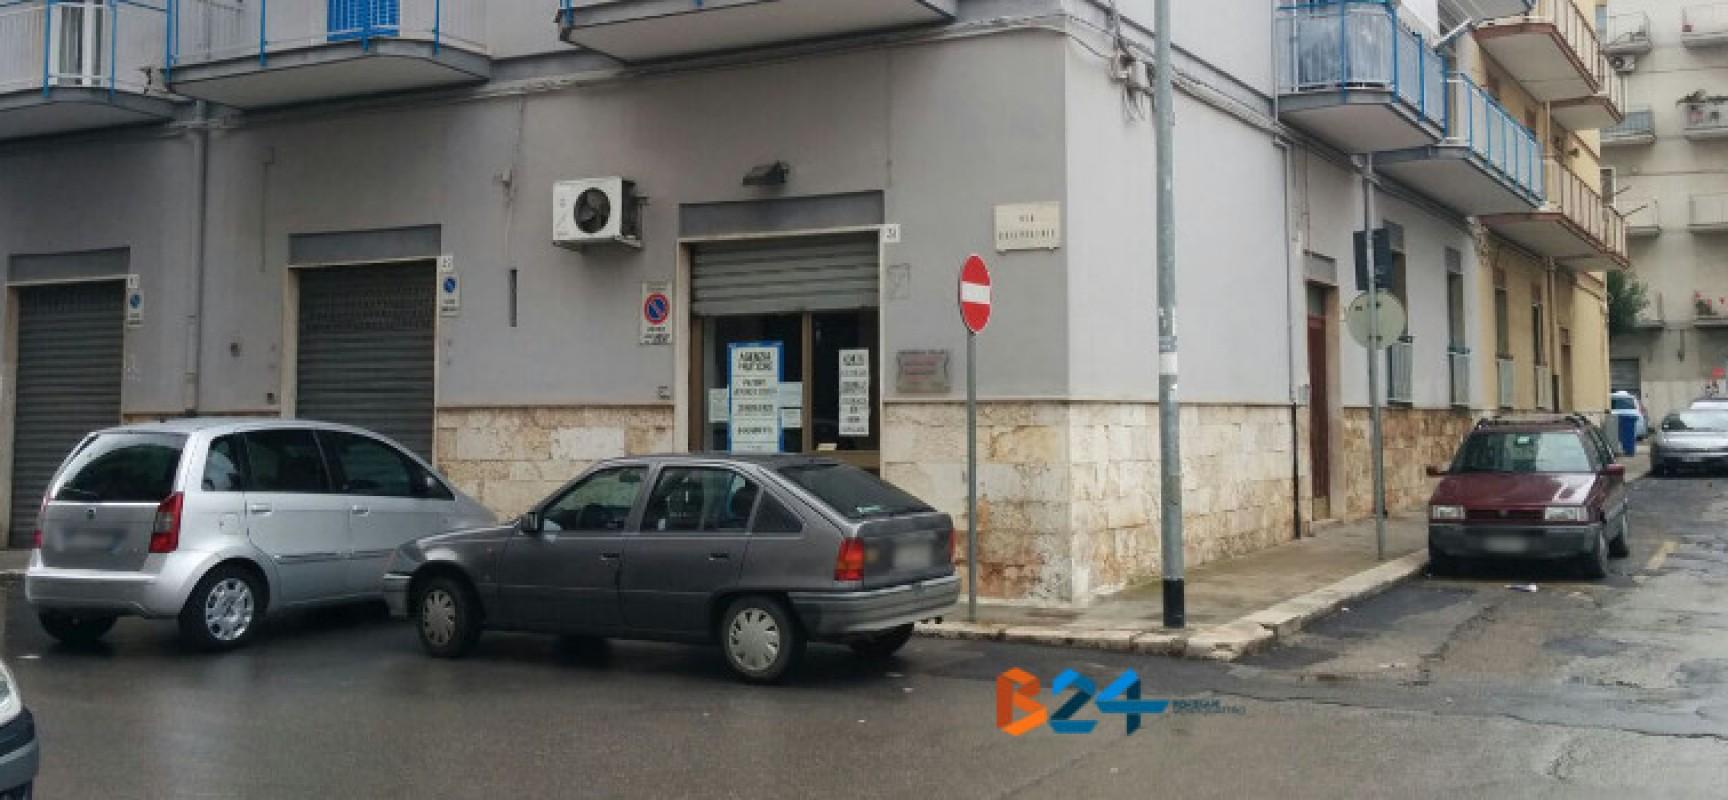 Furto con scasso ai danni di un'agenzia consulenza pratiche in via Silvestris